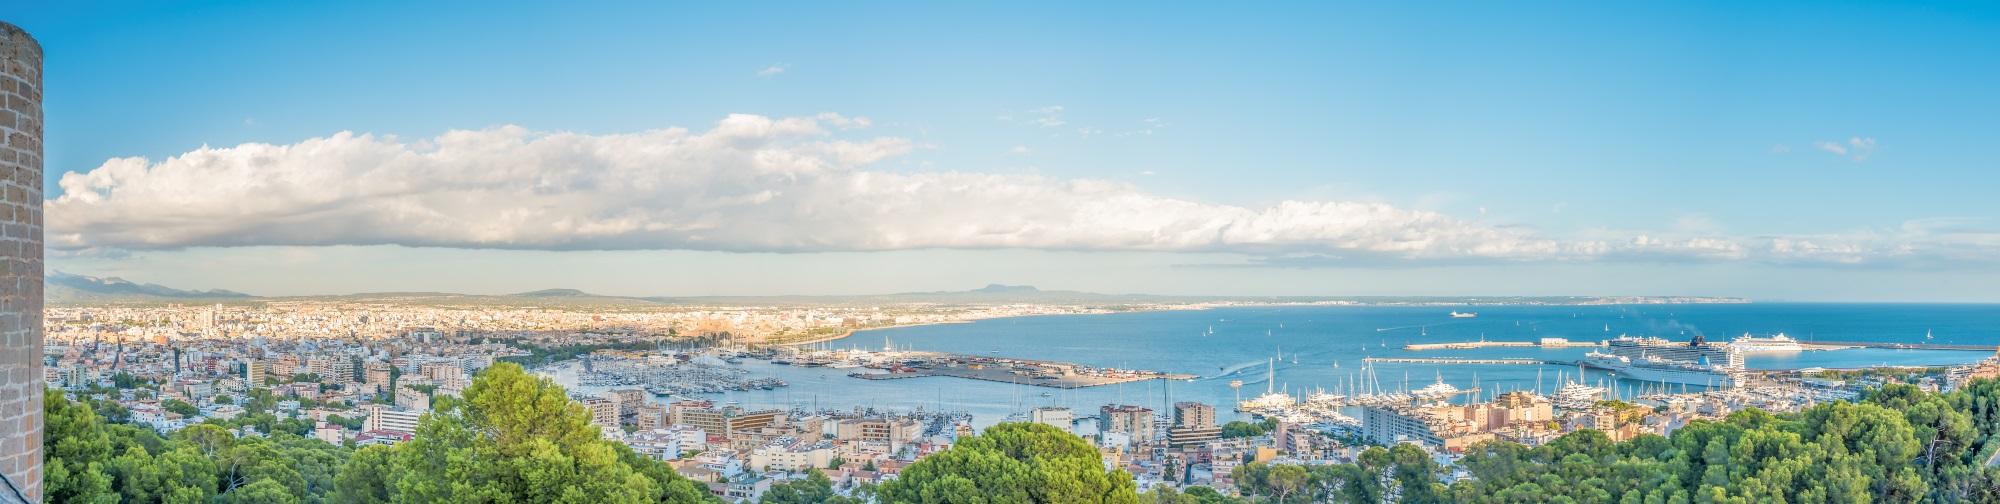 Palma de Mallorca Hafenpanorama